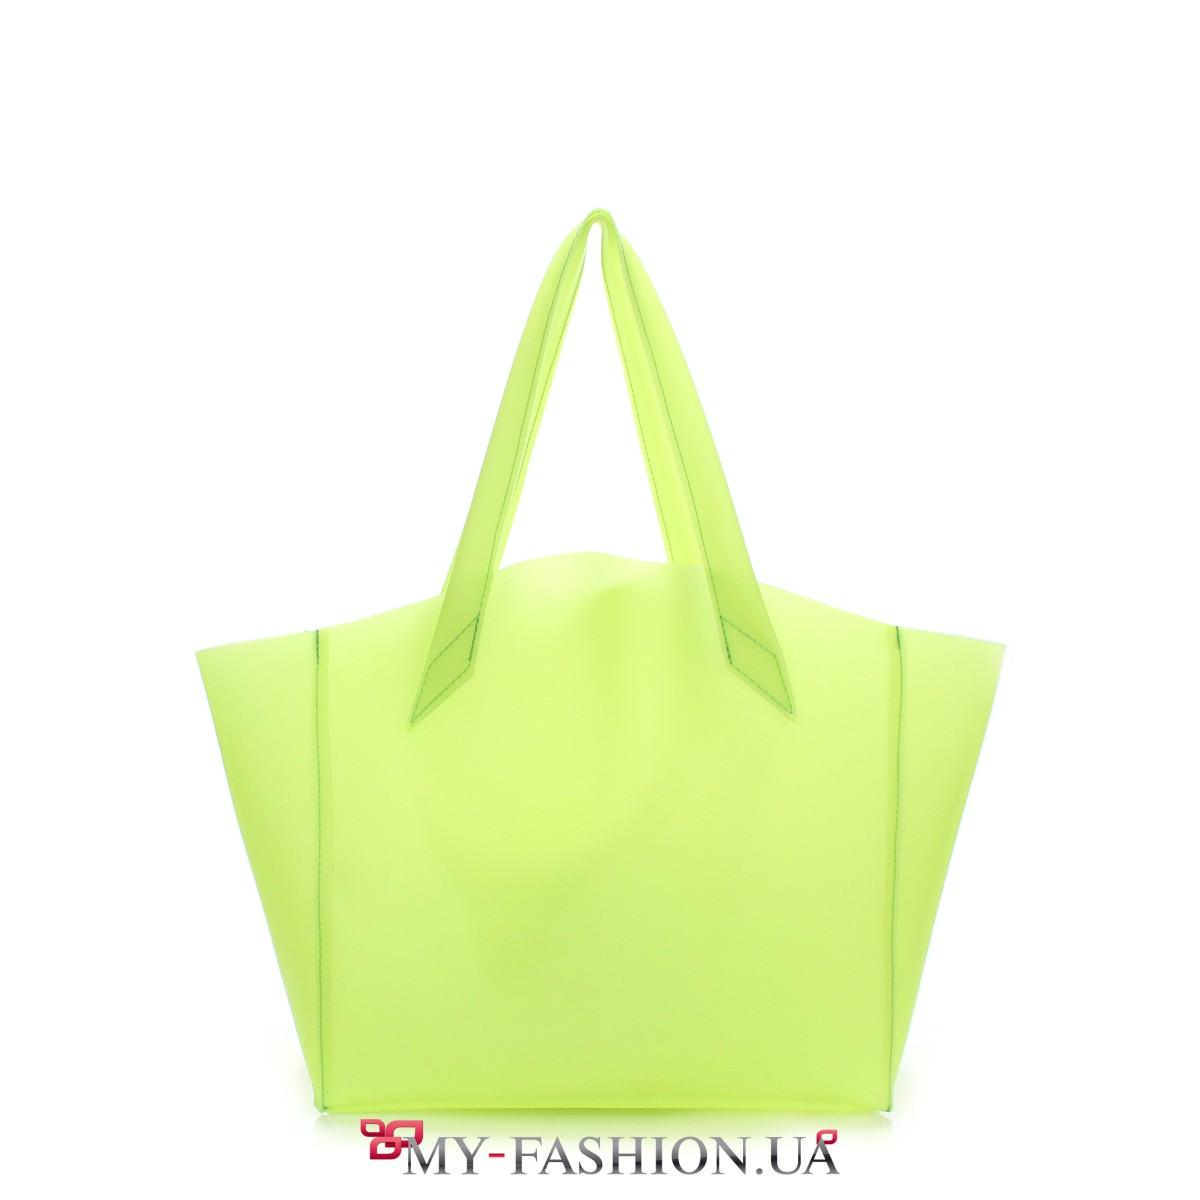 609ab1c0c20e Прозрачная сумка с салатовым оттенком купить в интернет магазине в ...